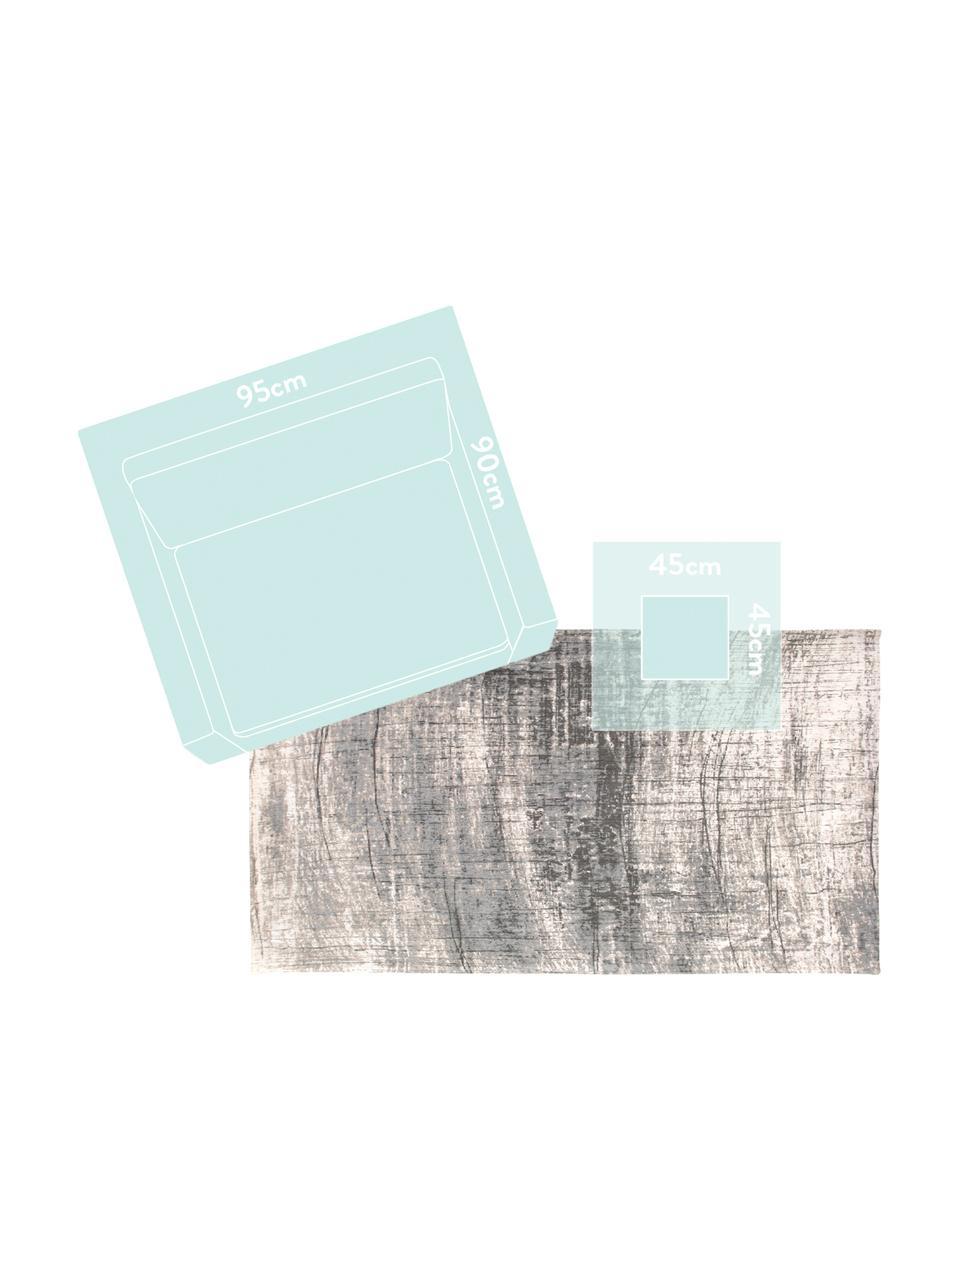 Design vloerkleed Griff in vintage stijl, Bovenzijde: 85%katoen, 15%hoogglanz, Weeftechniek: jacquard, Onderzijde: katoenmix, latex coating, Grijstinten, wit, B 140 x L 200 cm (Maat S)